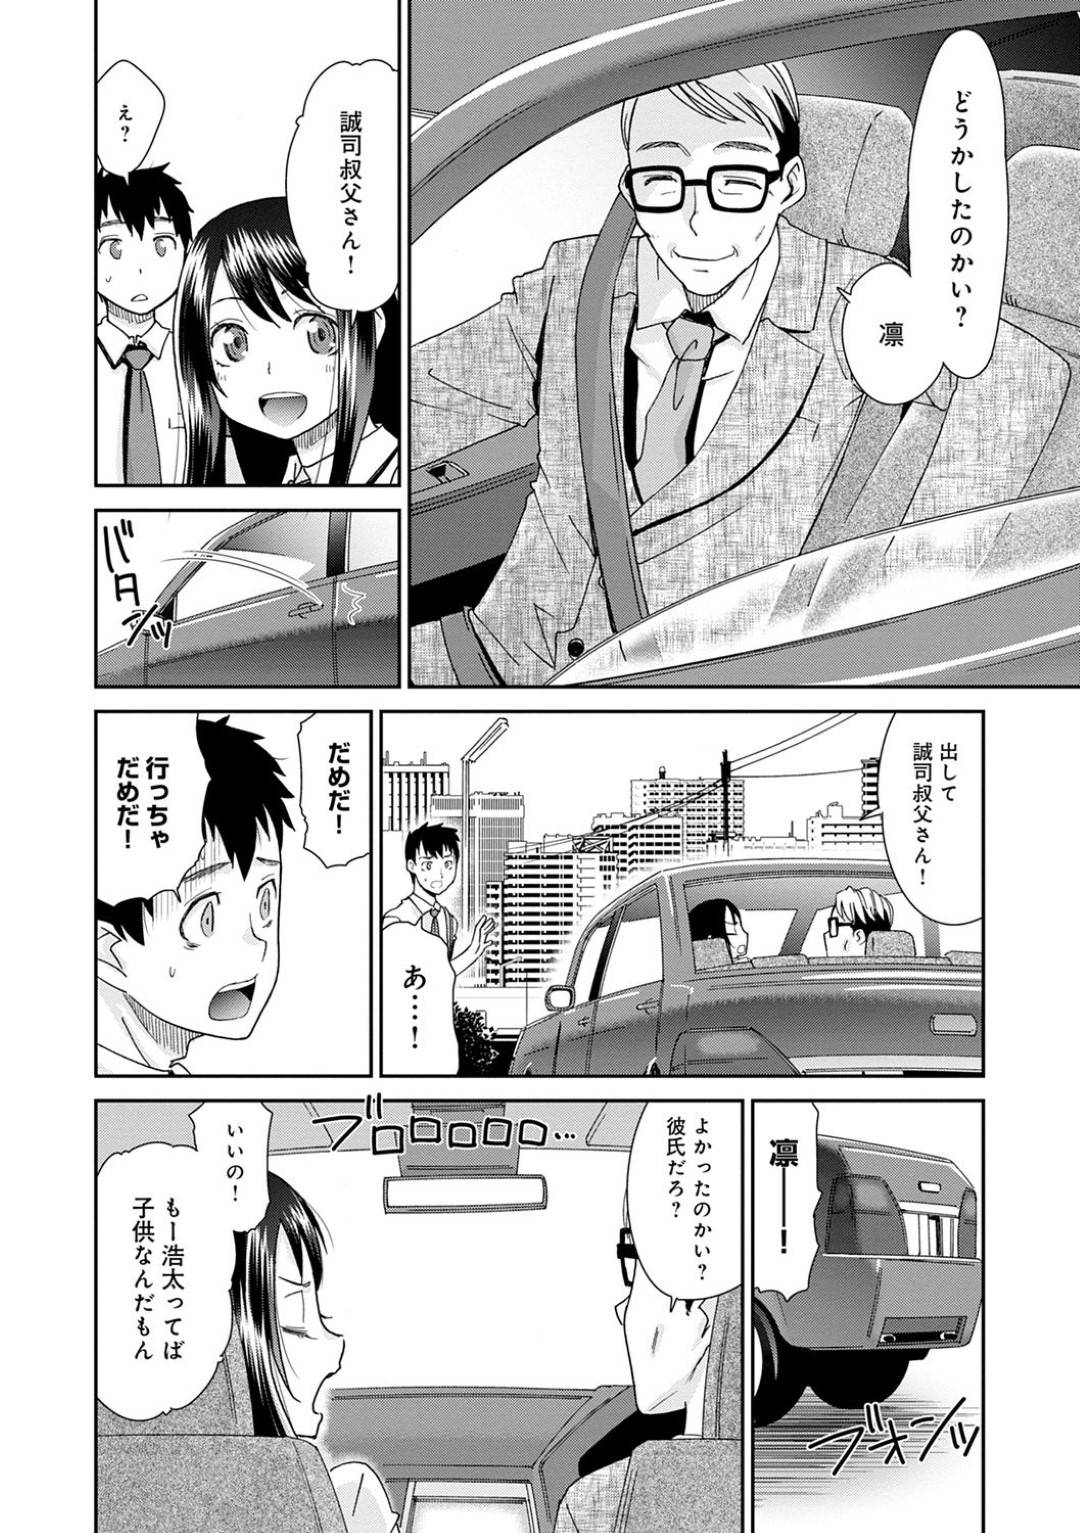 【JK寝取られレイプエロ漫画】JKは彼氏を振り切り叔父さんの車に乗り込むと眠ってしまう。目が覚めると拘束され電マ責めにされると中出しレイプで犯される【桃之助】